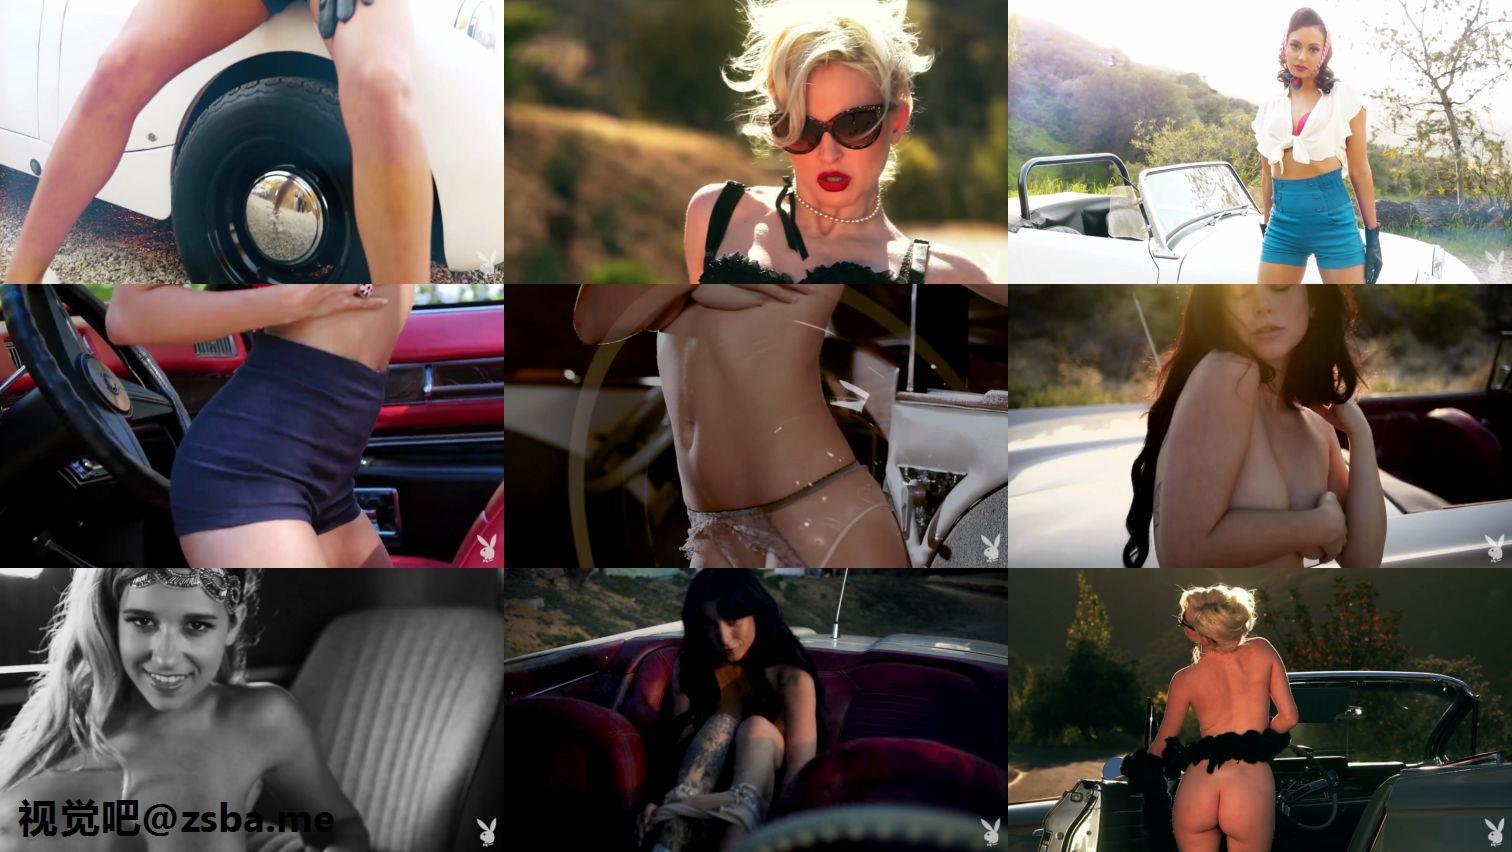 视觉吧@PlayboyPlus 花花公子写真视频最新20部高清合集[1080P无水印]插图5